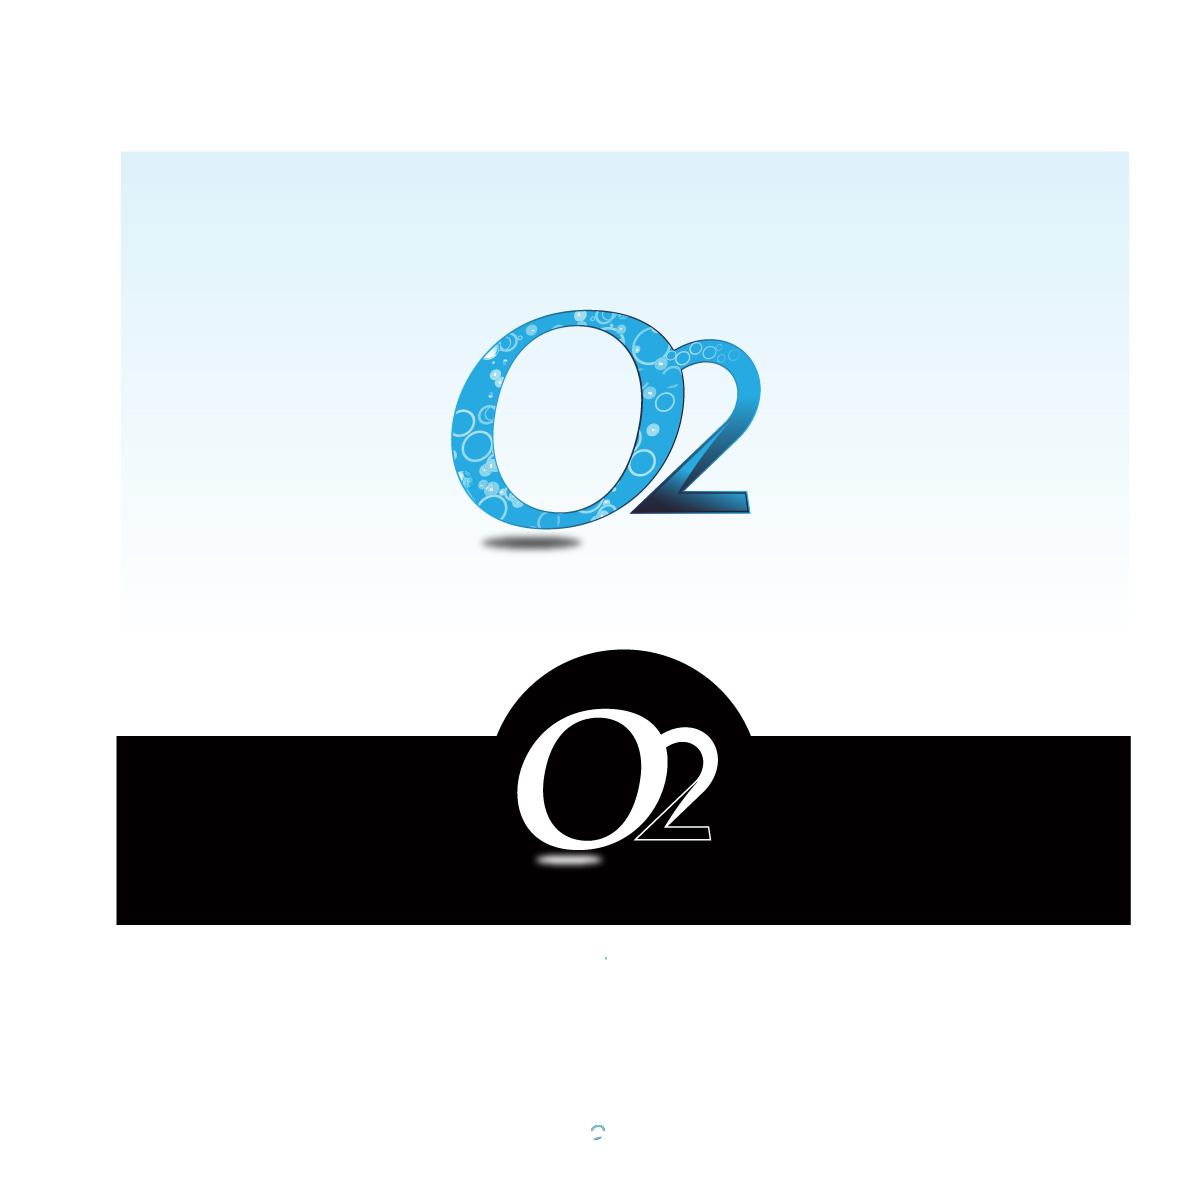 Logo Design by Robert Engi - Entry No. 97 in the Logo Design Contest Artistic Logo Design for O2.